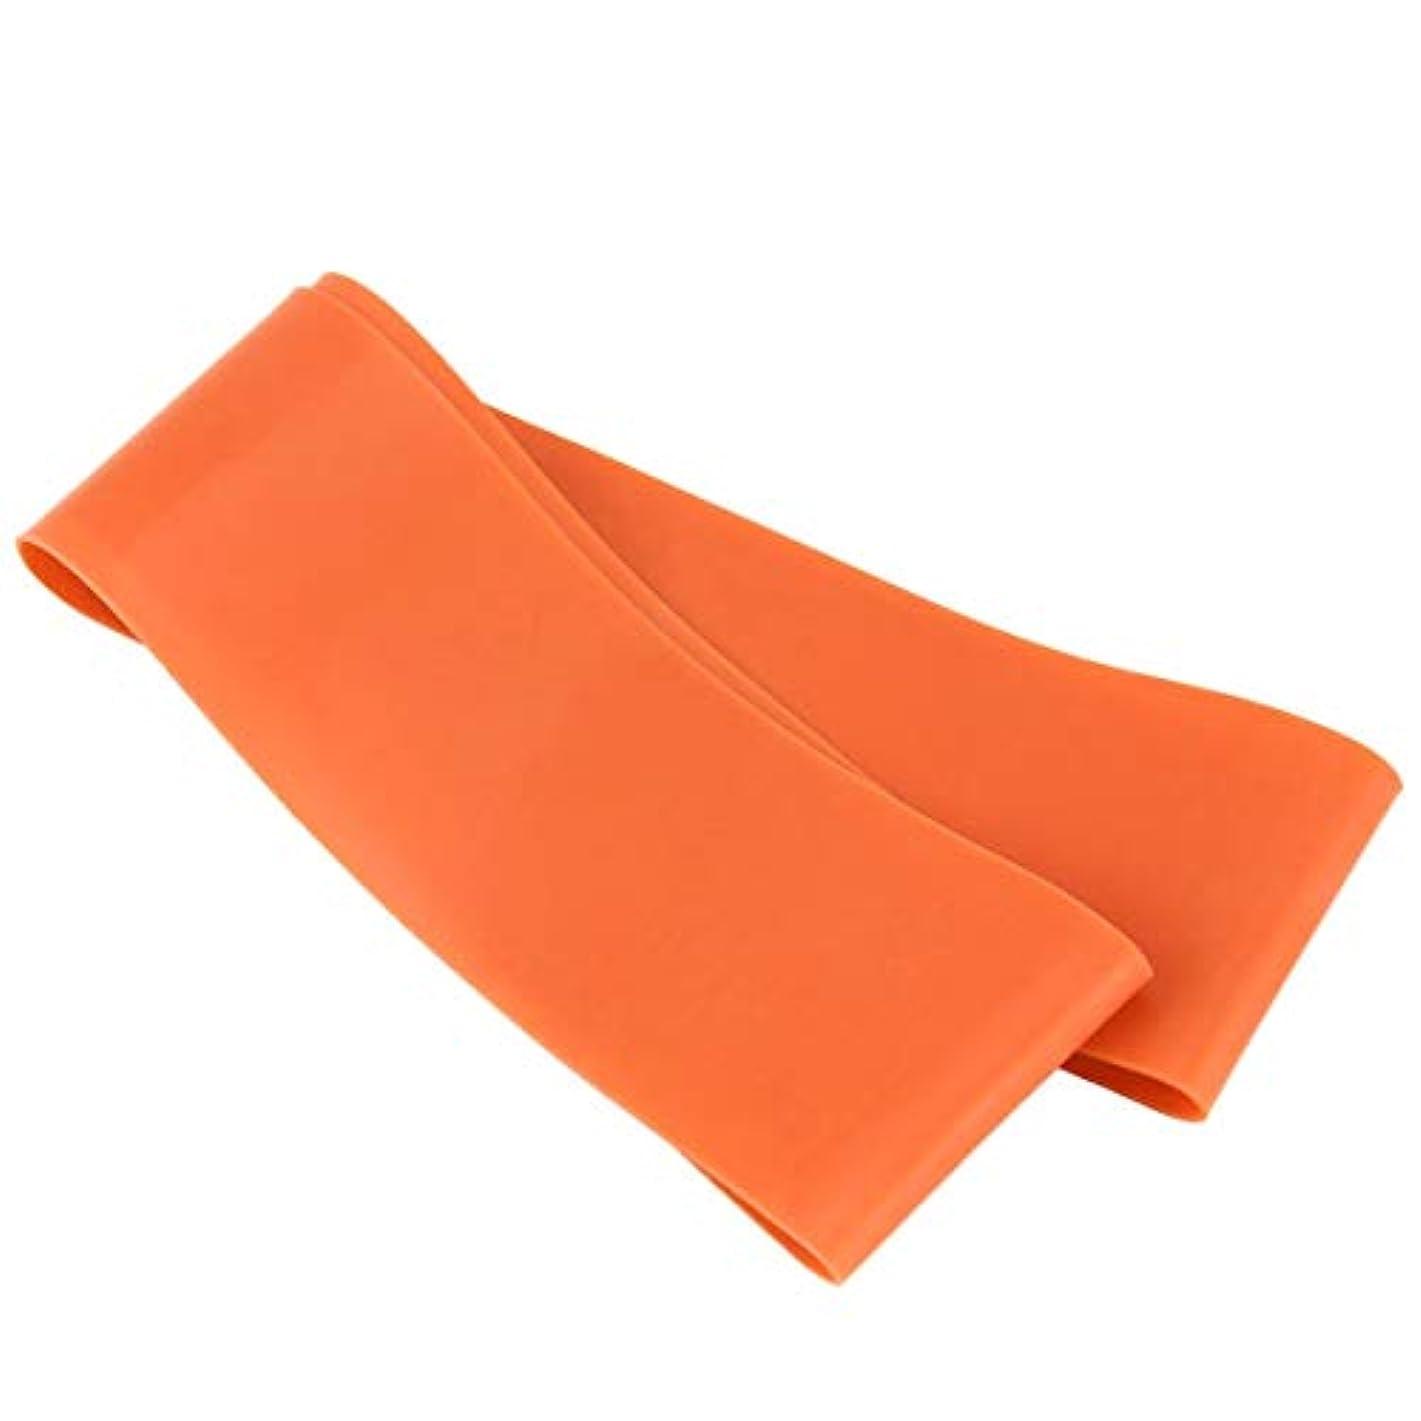 飾り羽選出する協同滑り止めの伸縮性のあるゴム製伸縮性がある伸縮性があるヨガベルトバンド引きロープの張力抵抗バンドループ強度のためのフィットネスヨガツール - オレンジ